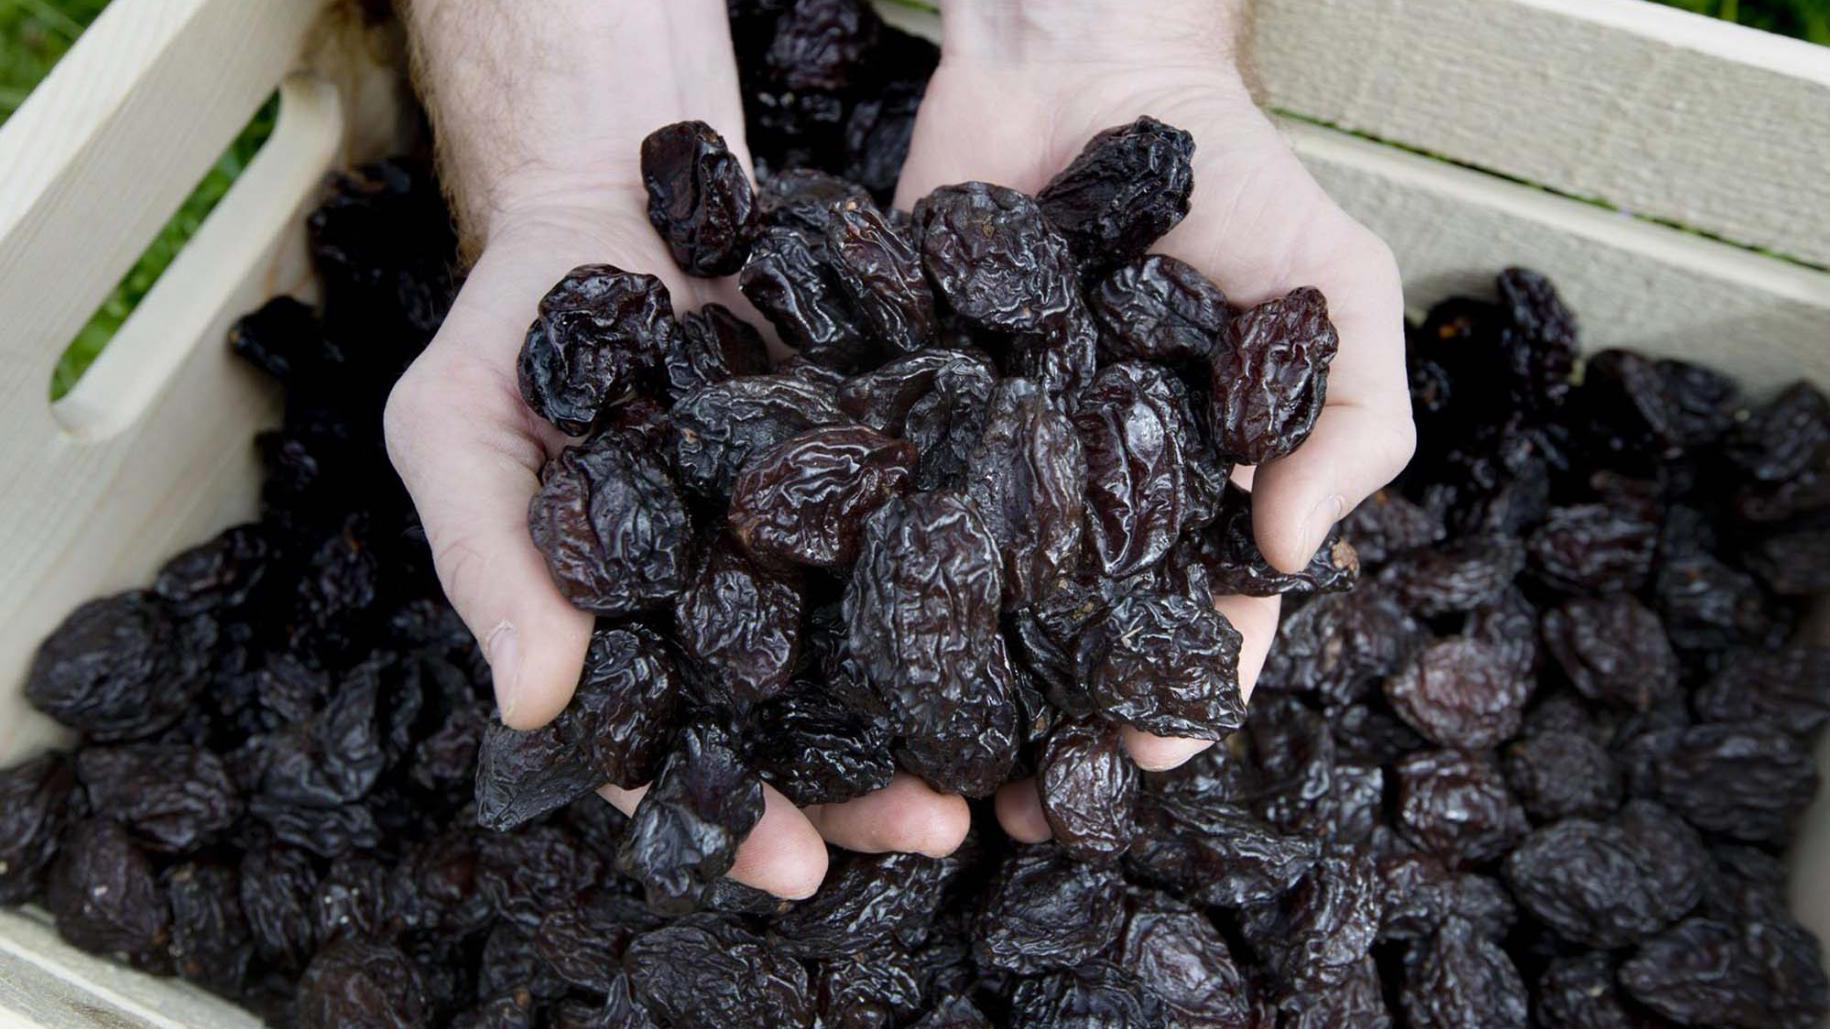 南美农民开收割机采收智利西梅,加工厂流水线处理做果干!